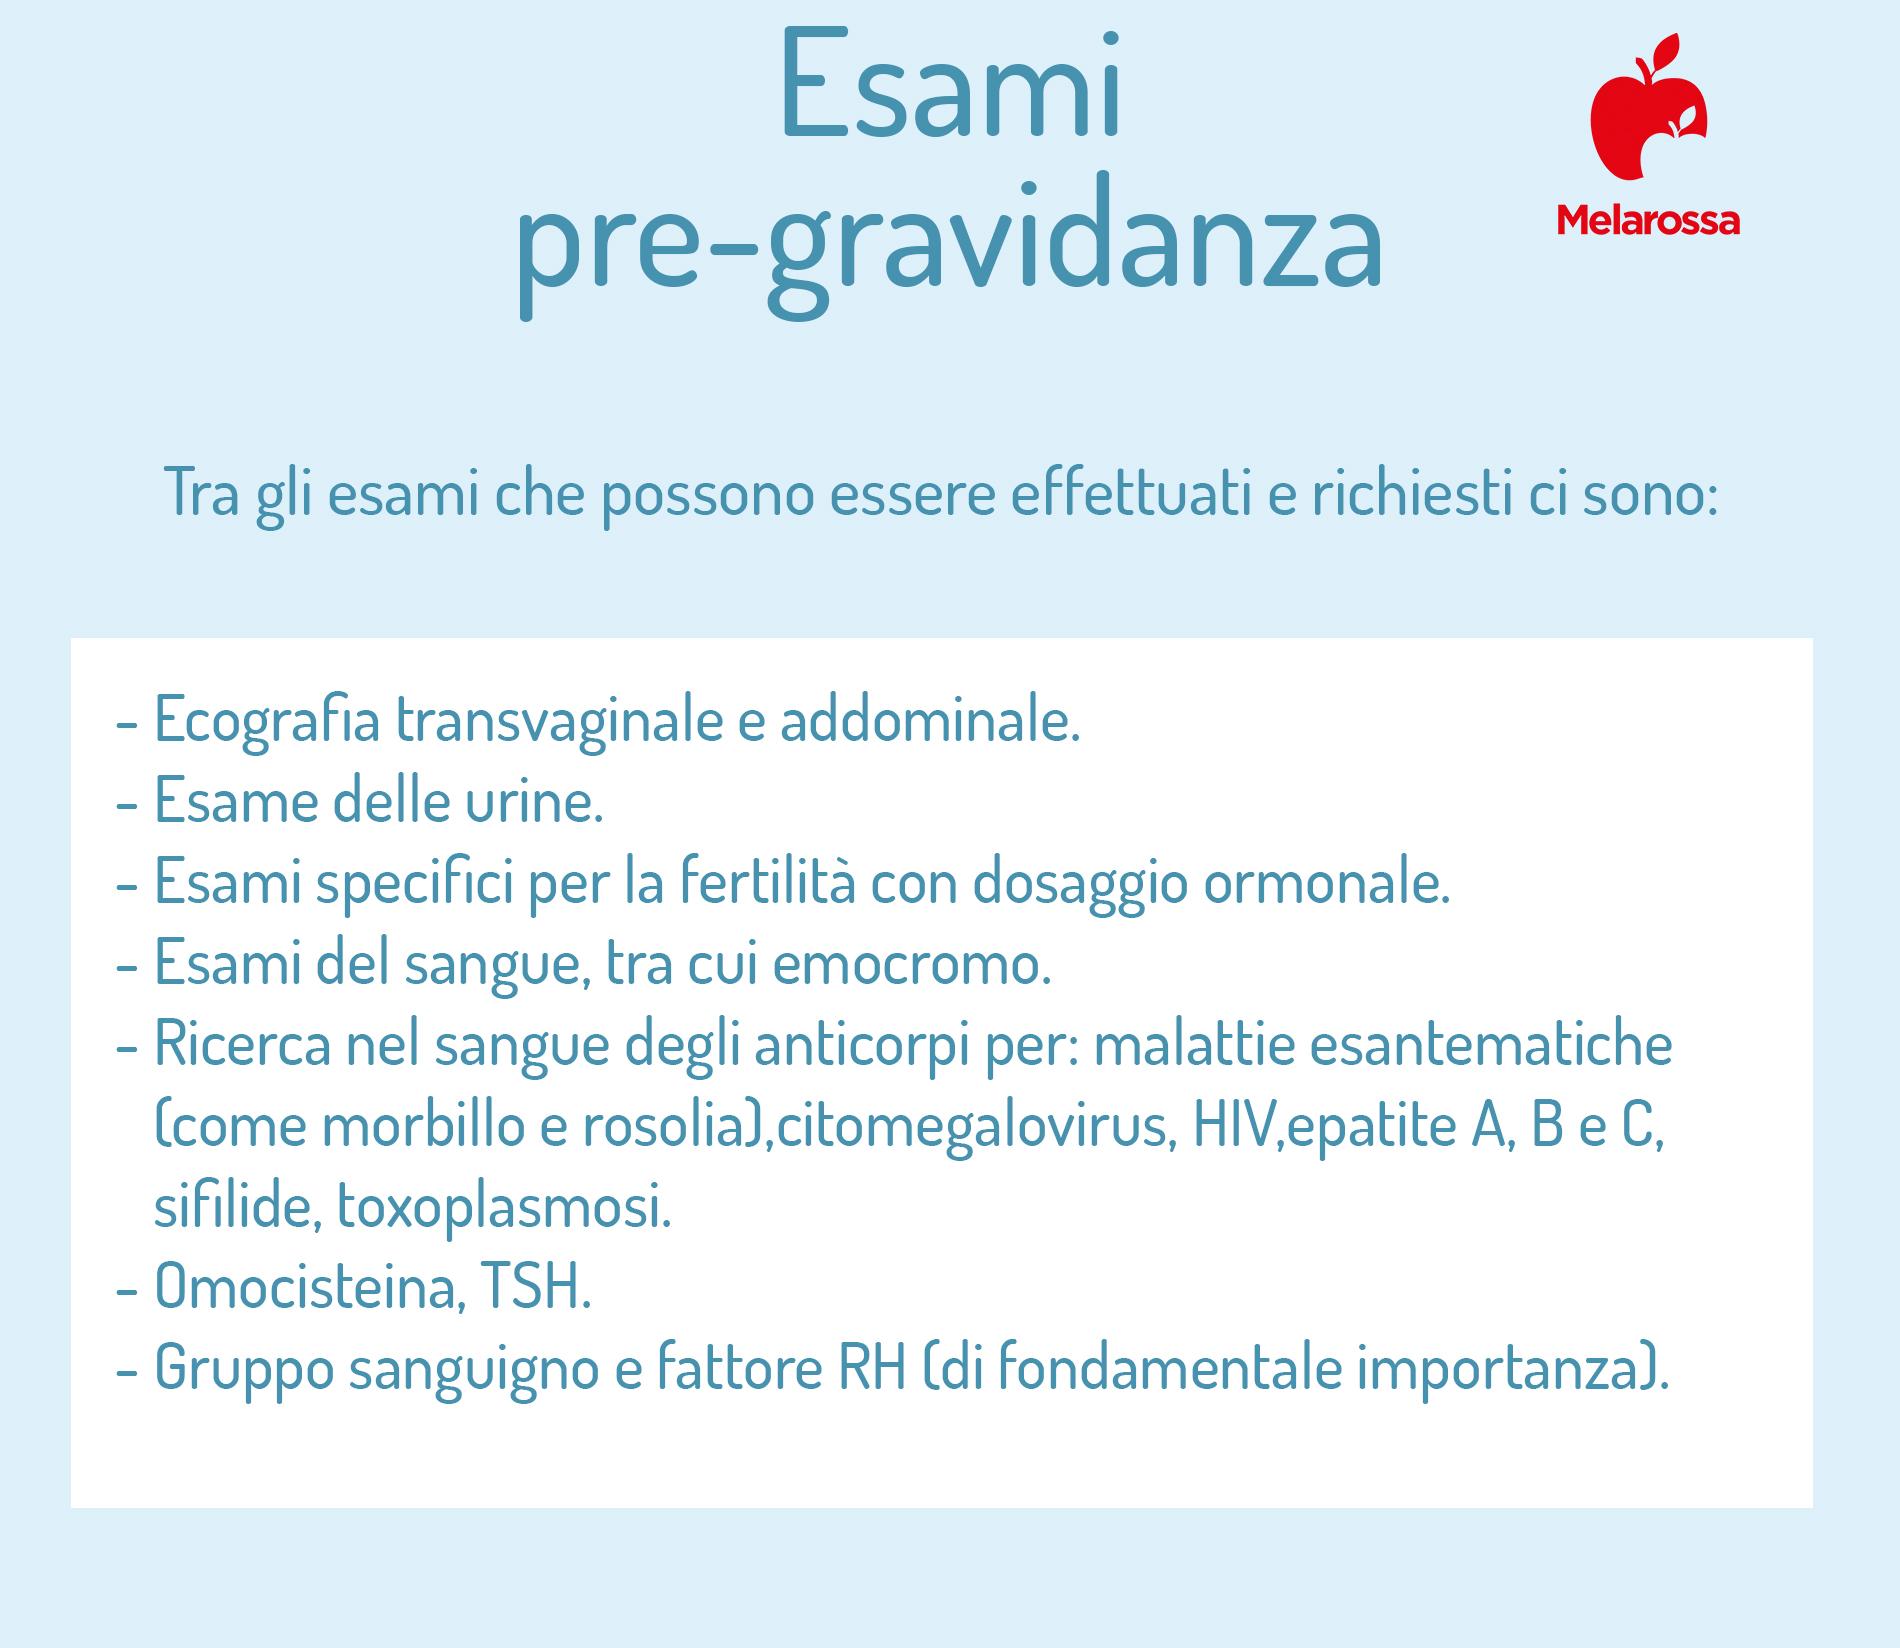 esami prima della gravidanza: tabella